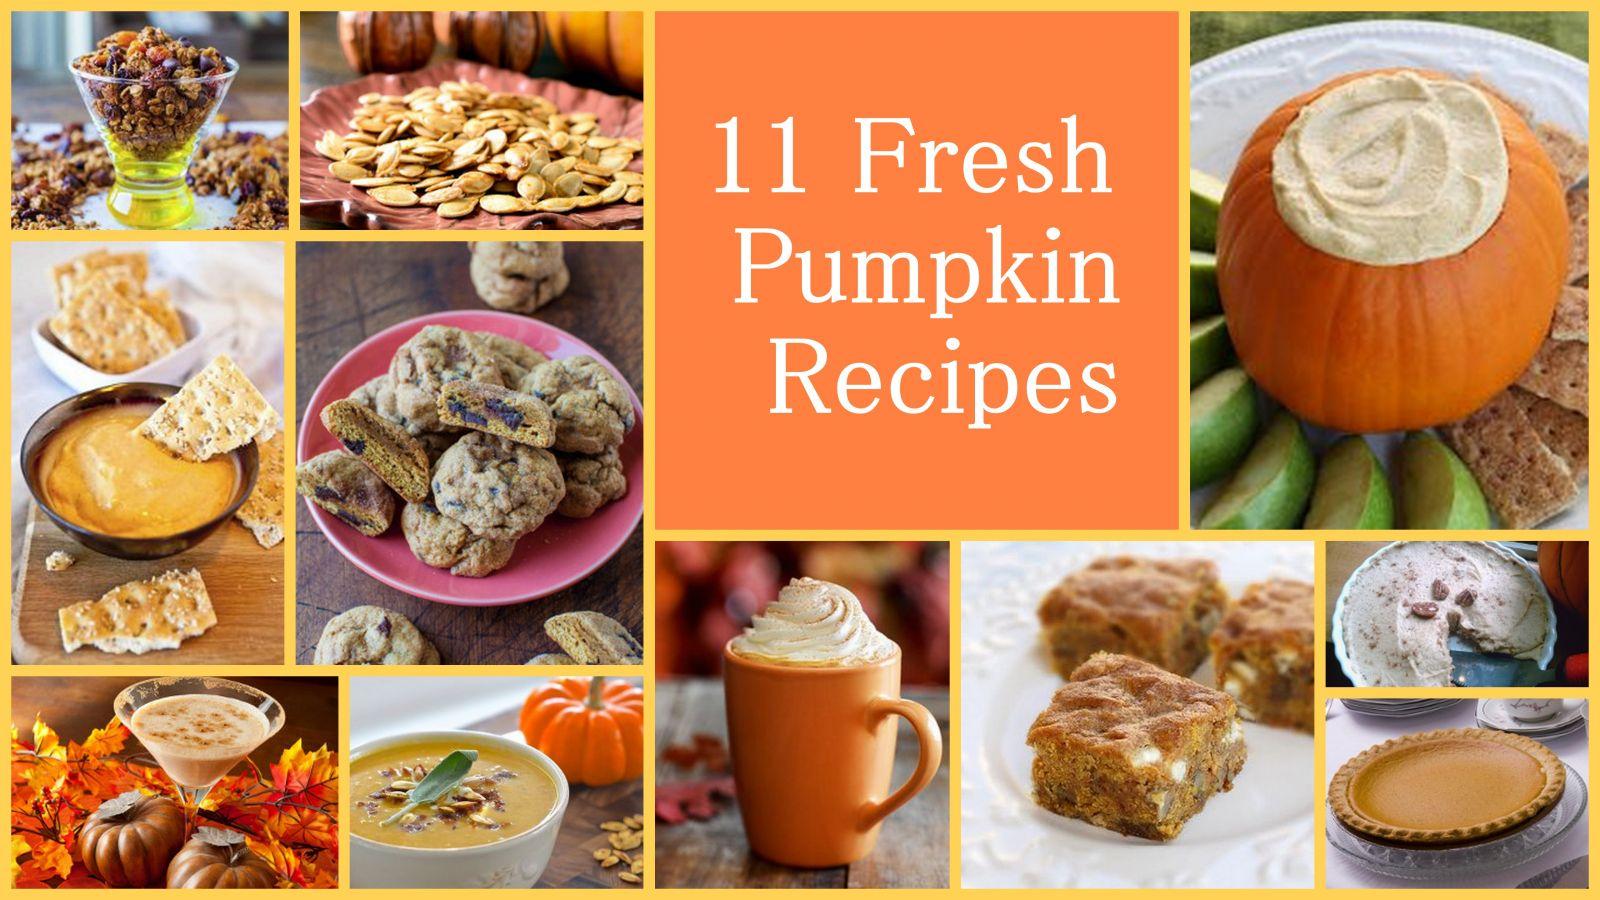 11 Fresh Pumpkin Recipes